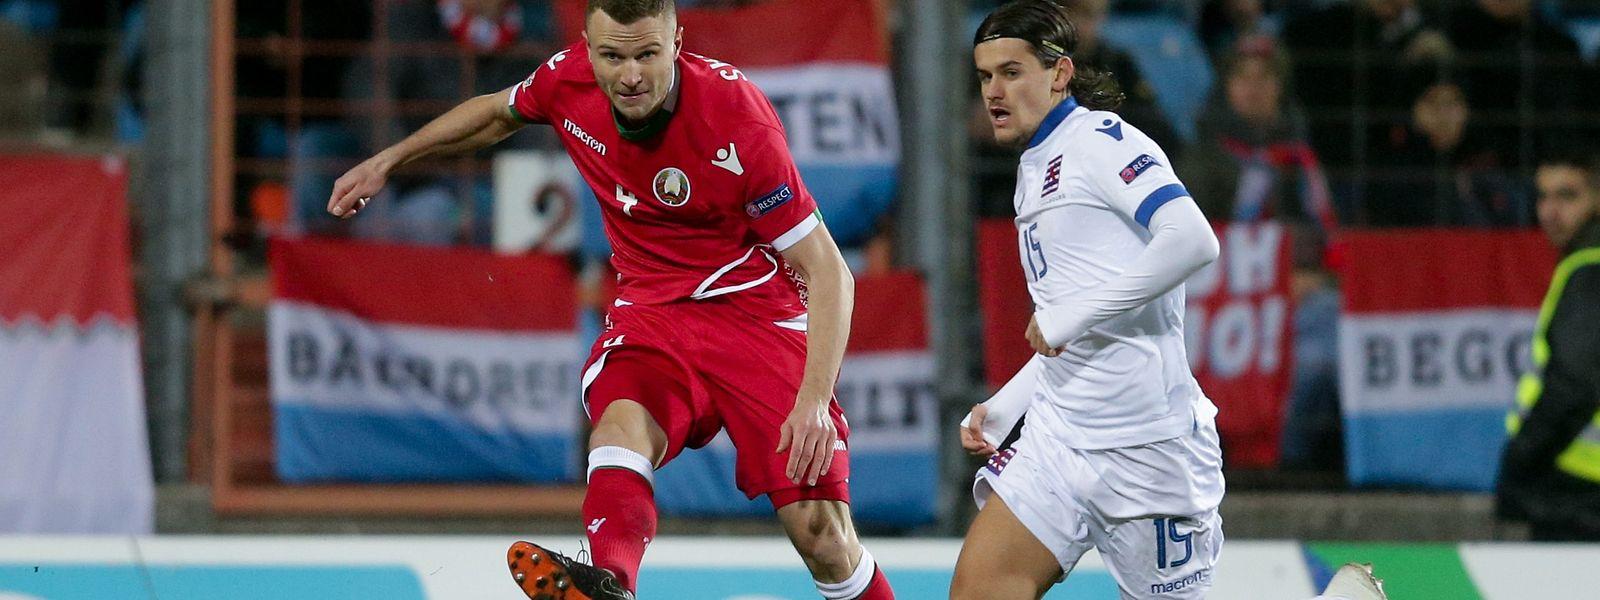 Liga das Nações. Luxemburgo perde com a Bielorrússia e deixa escapar  apuramento 46a0c2b472cb5